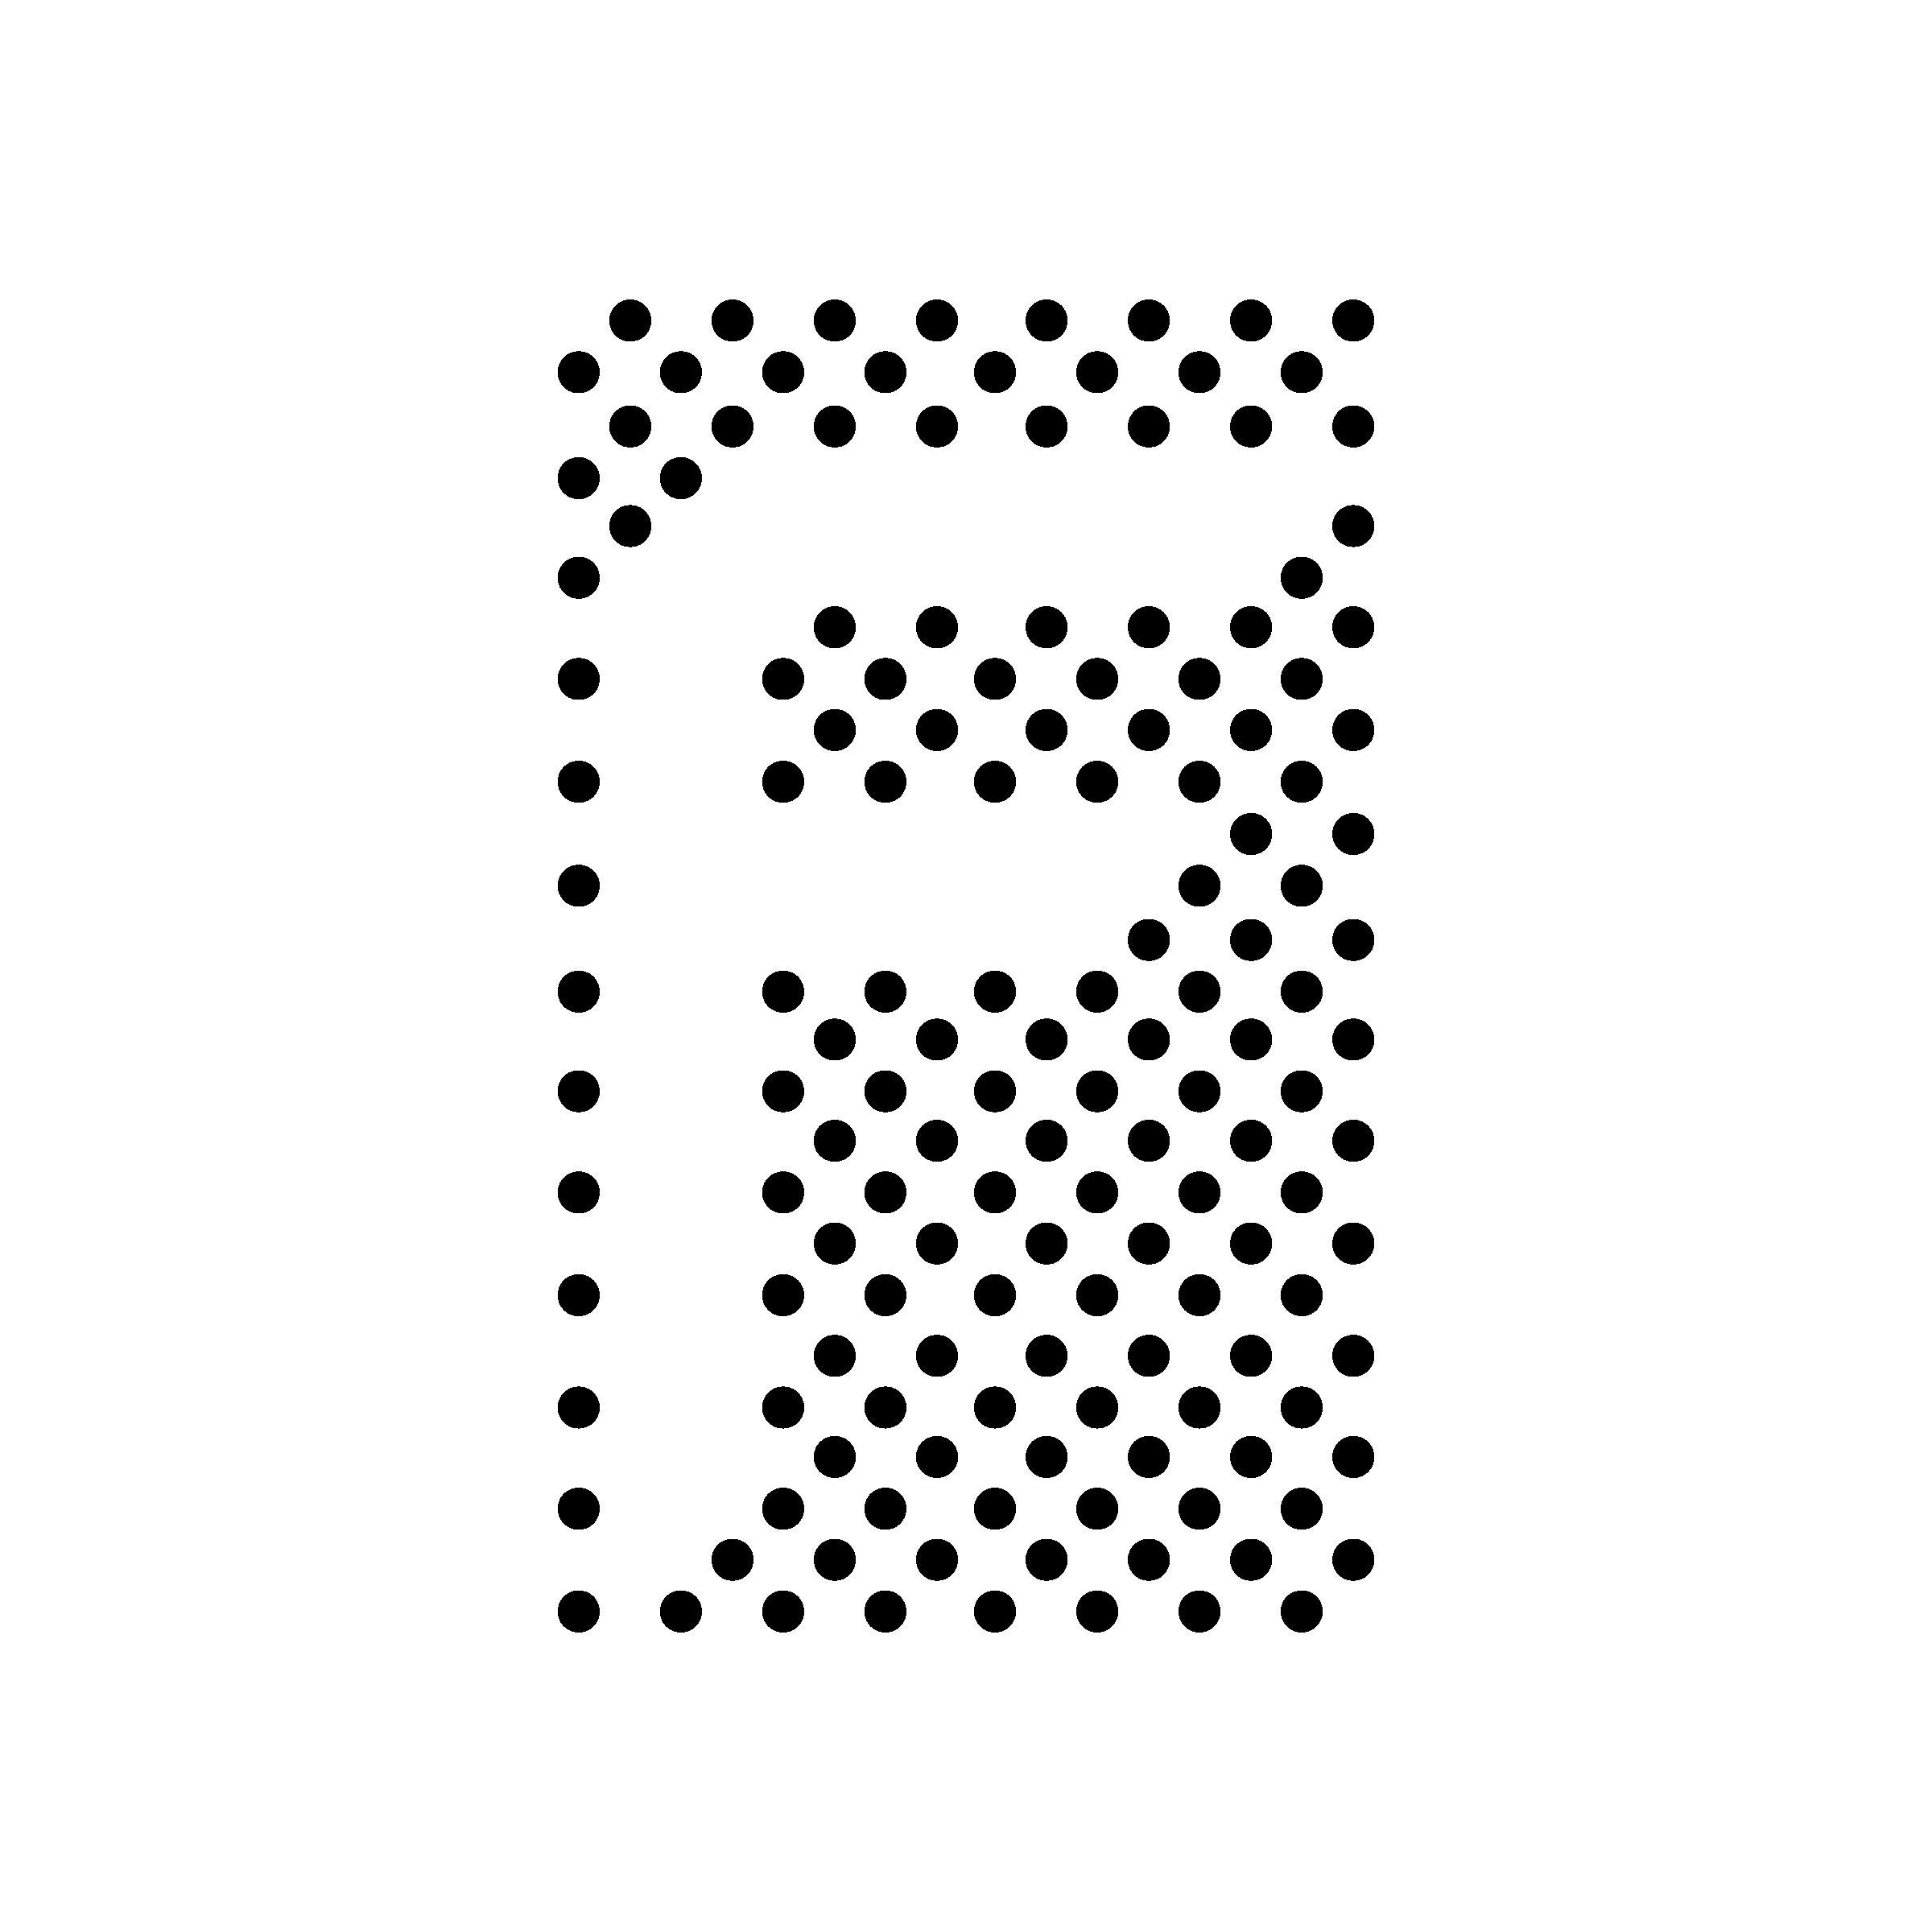 wk 12 logos-19.png